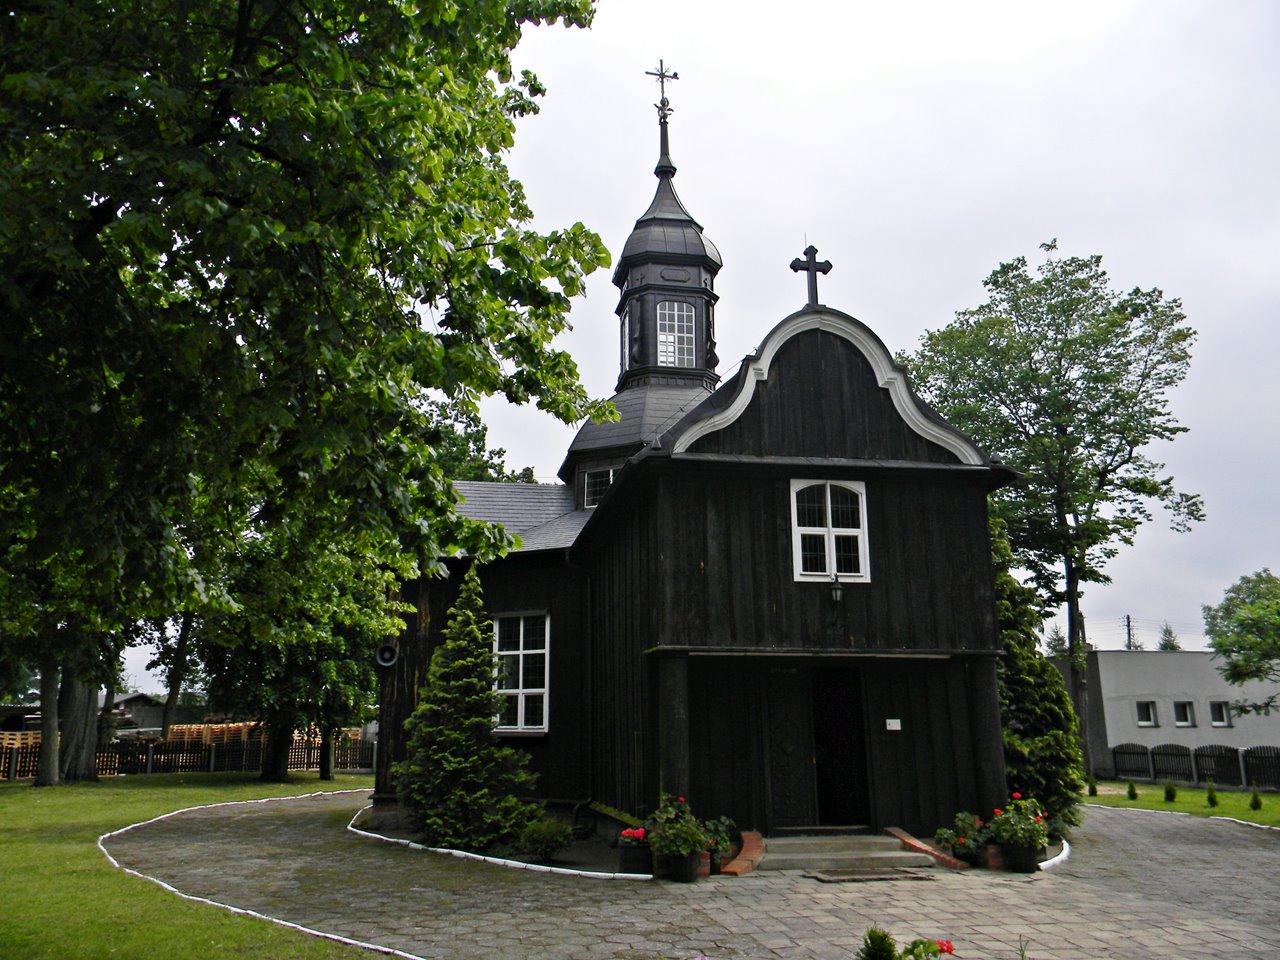 drewniane kościoły, architektura, zabytki, miejsca kultu